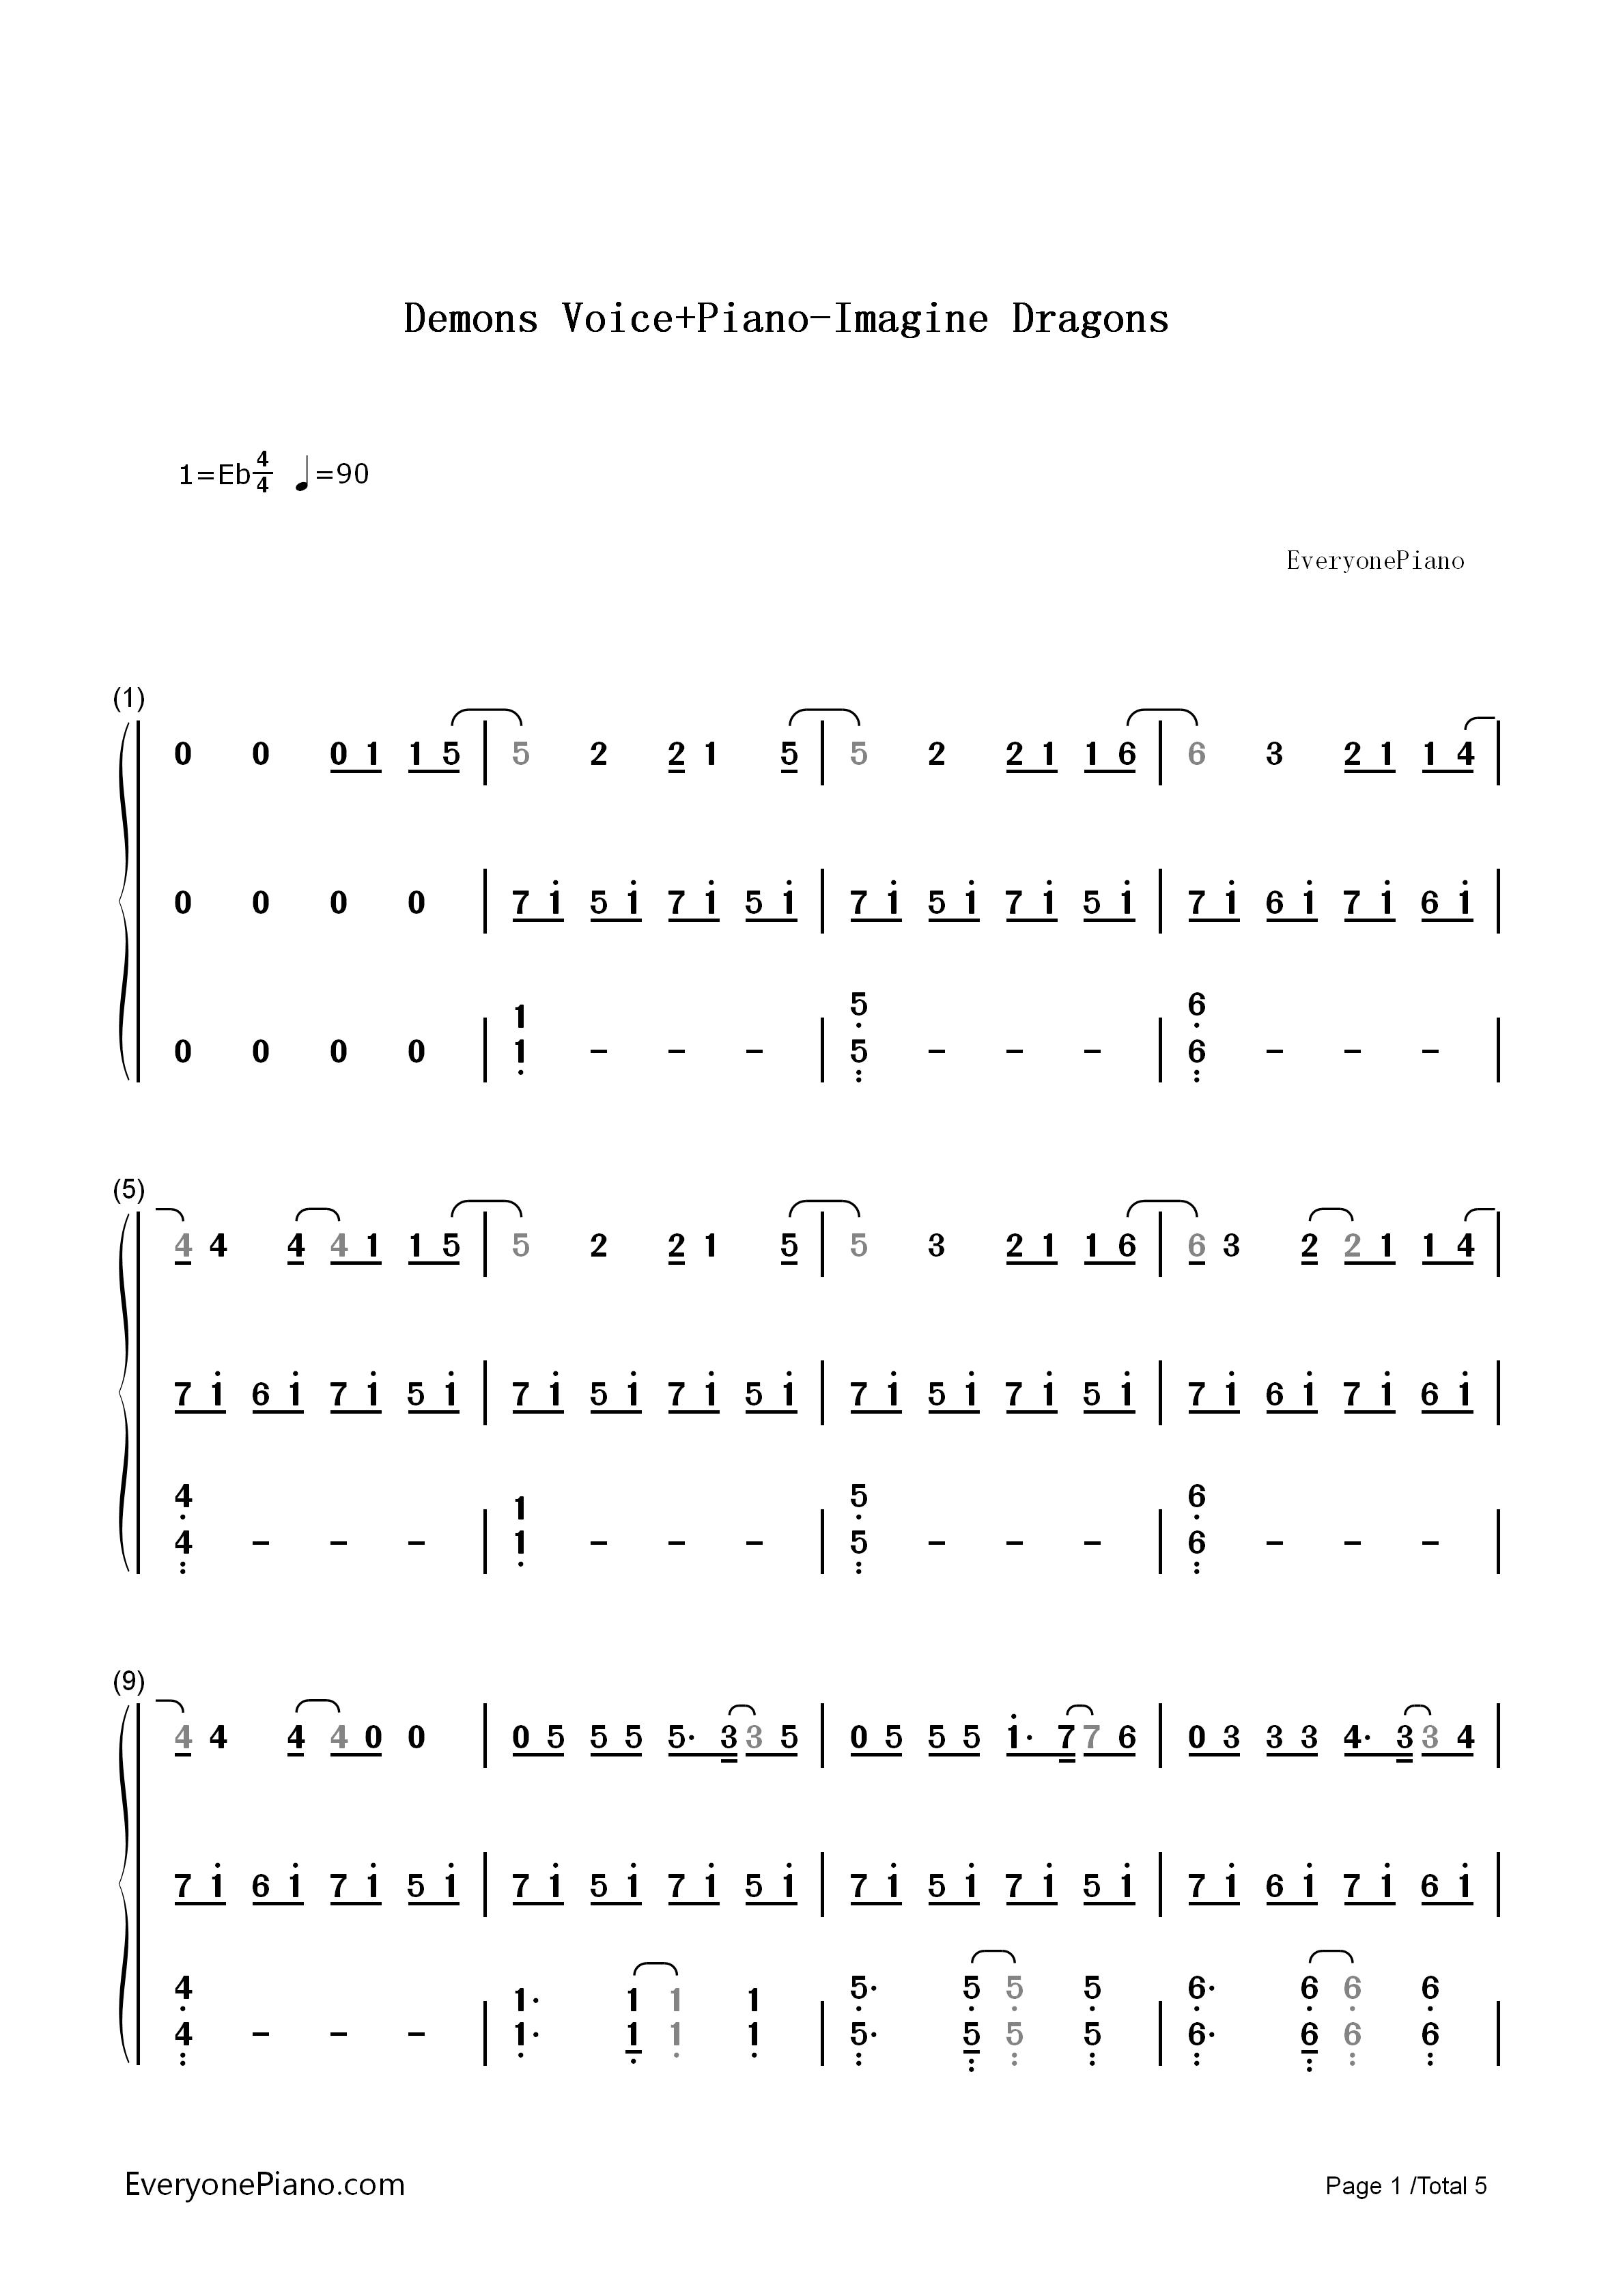 钢琴曲谱 流行 demons 弹唱版-imagine dra